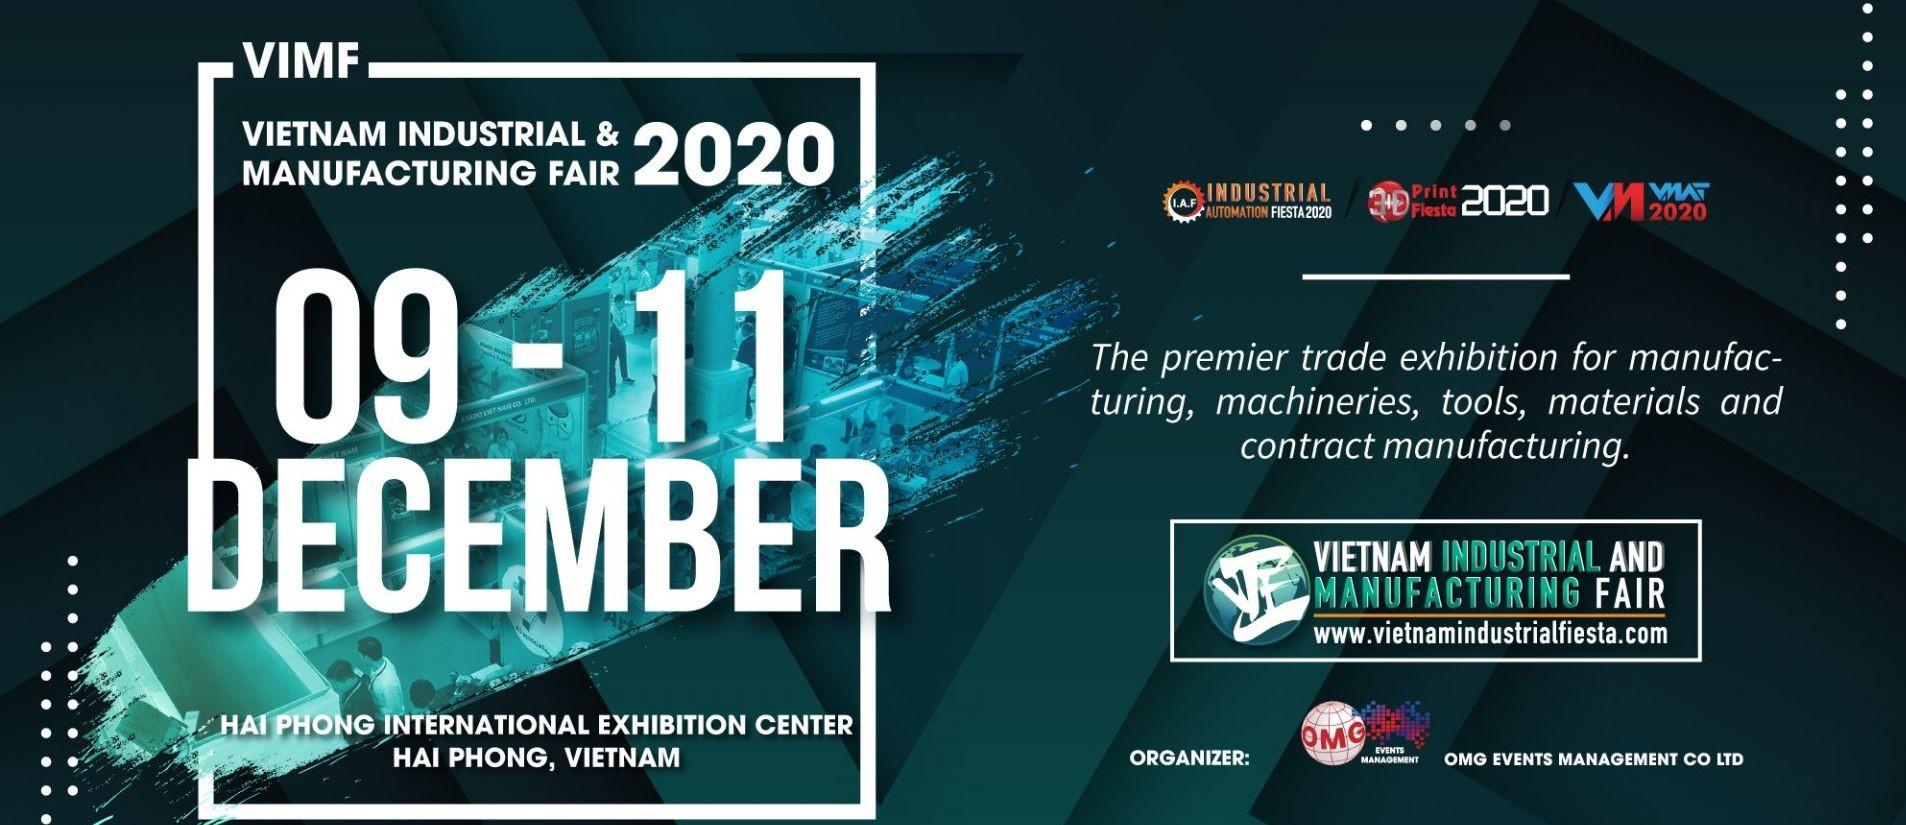 TRIỂN LÃM CÔNG NGHIỆP VÀ SẢN XUẤT VIMF 2020 TẠI HẢI PHÒNG